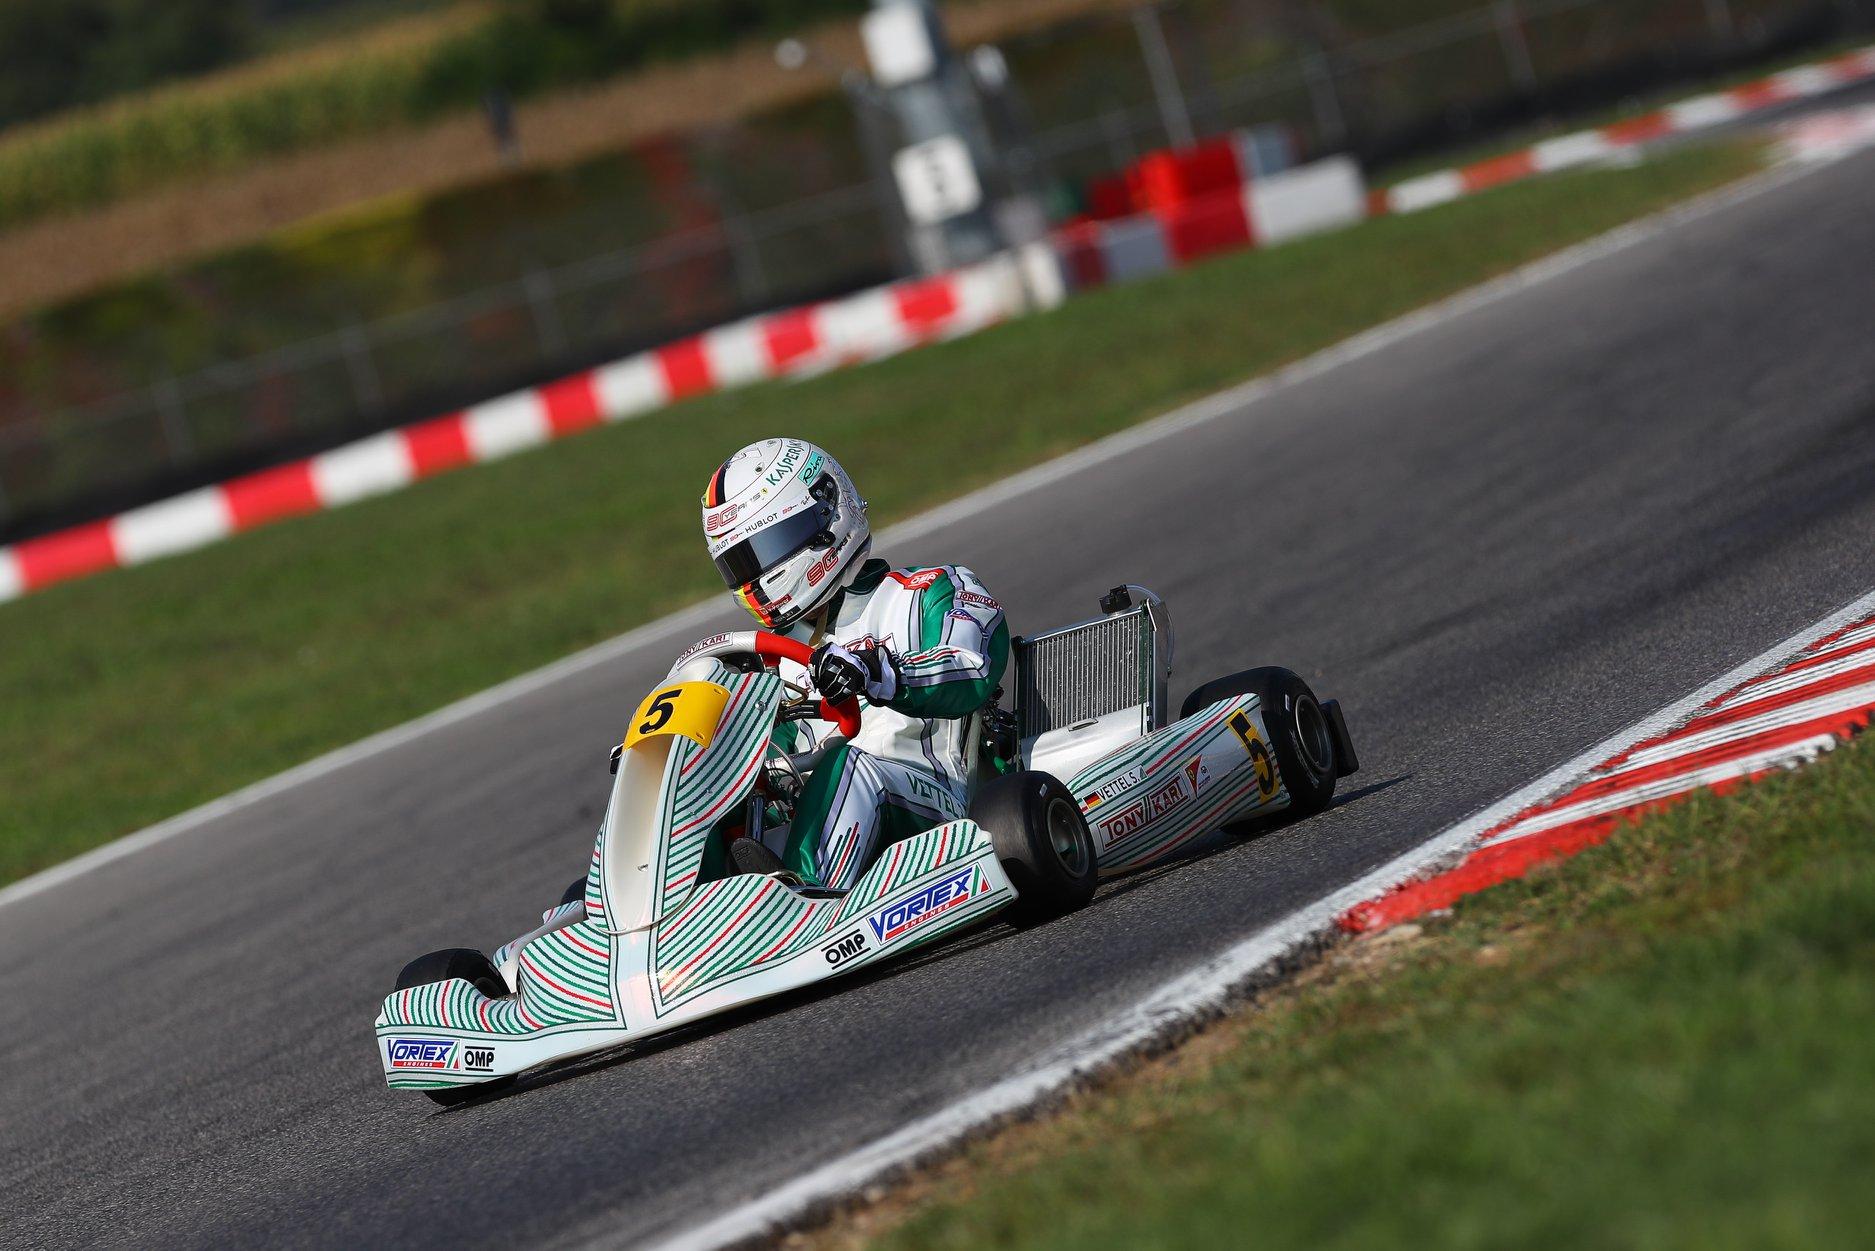 Sebastian_Vettel_testing_Tony_Kart_0010